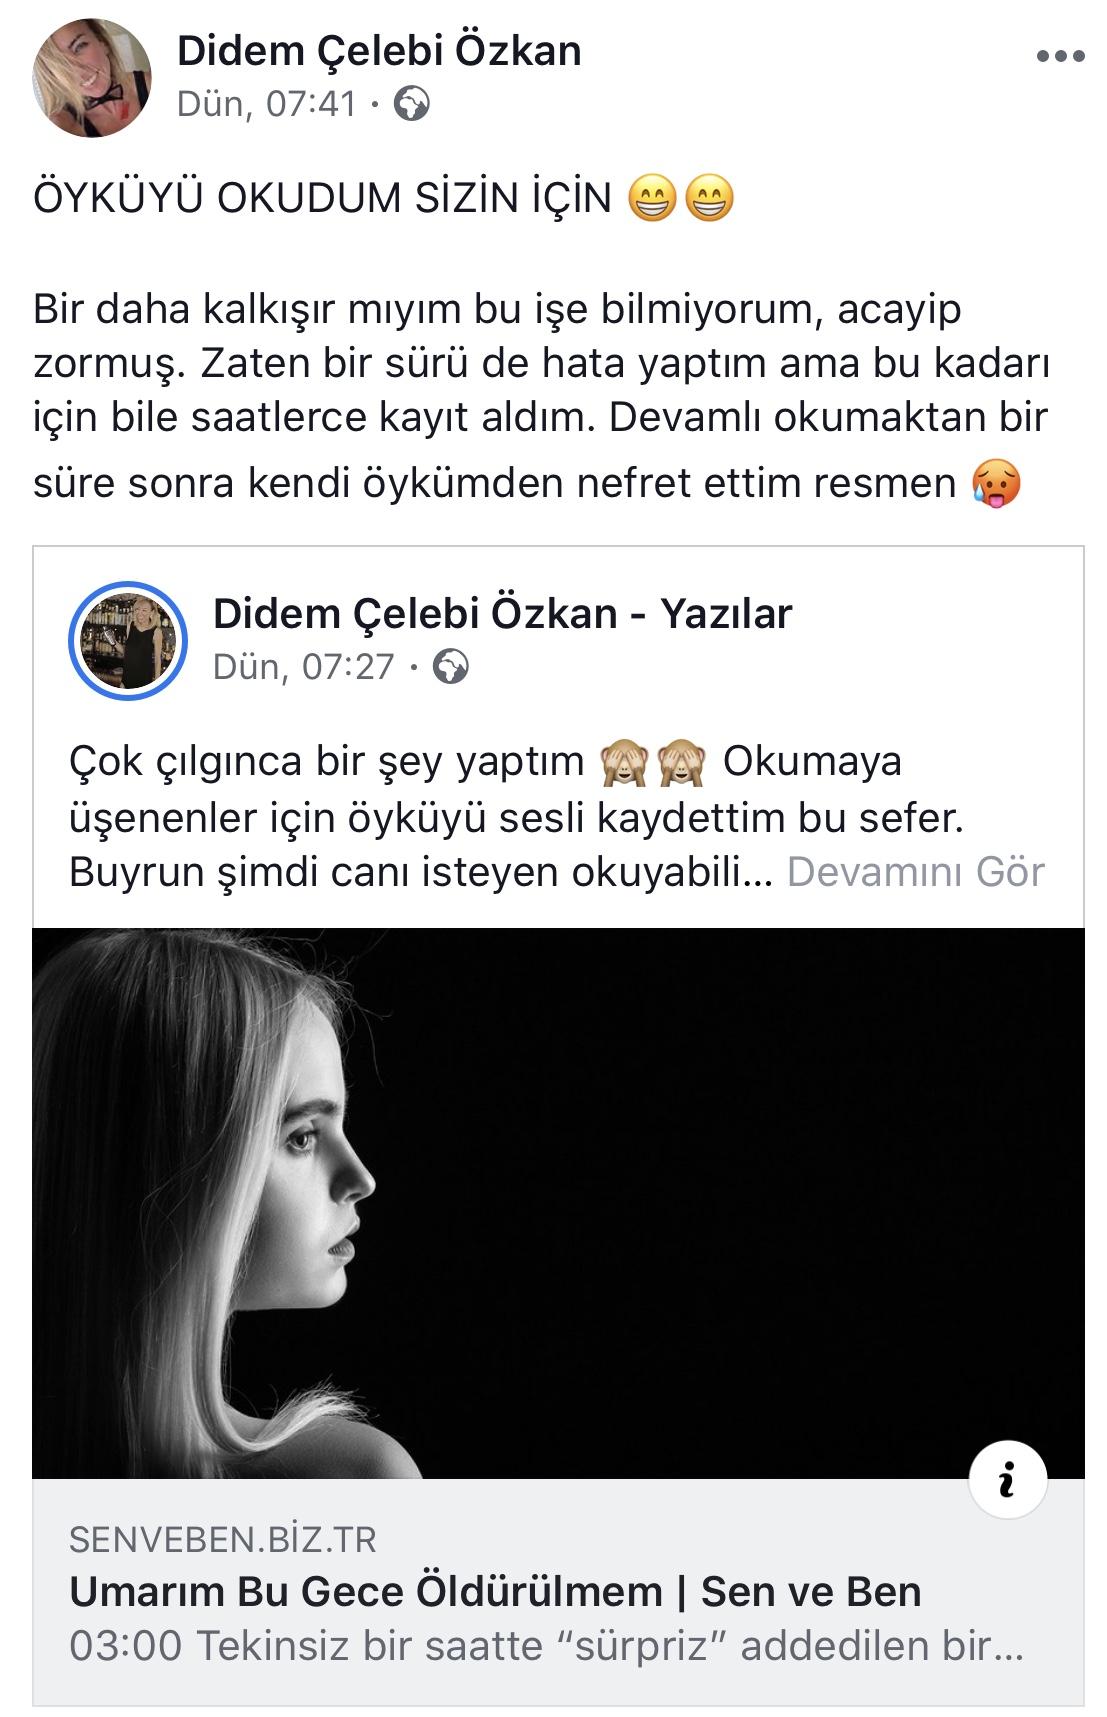 Umarım Bu Gece Öldürülmem   Didem Çelebi Özkan Facebook Tanıtım Metni